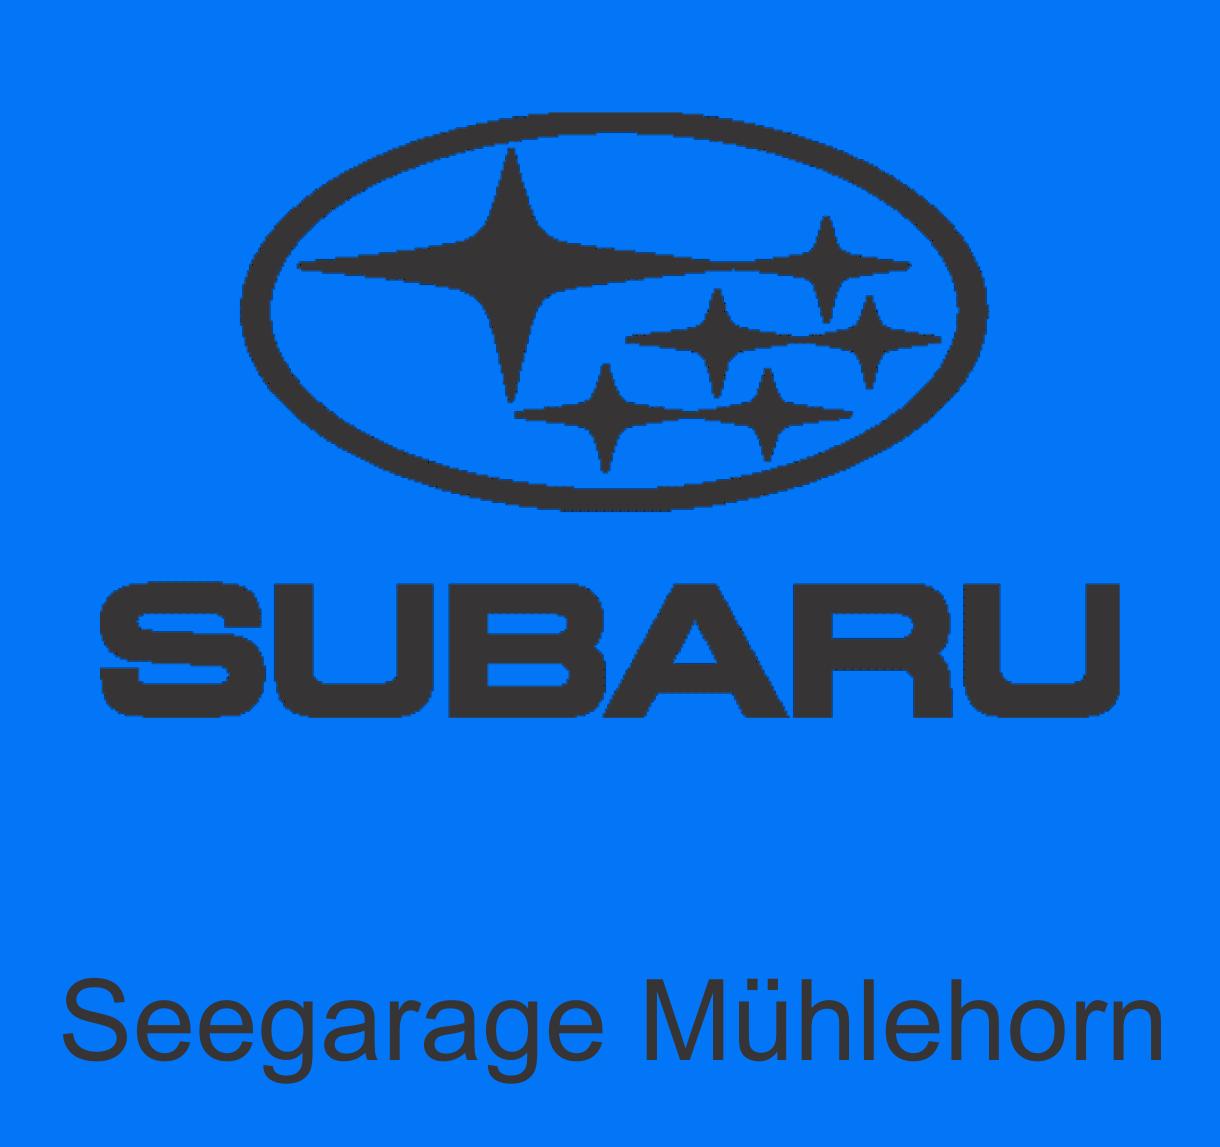 Seegarage Mühlehorn